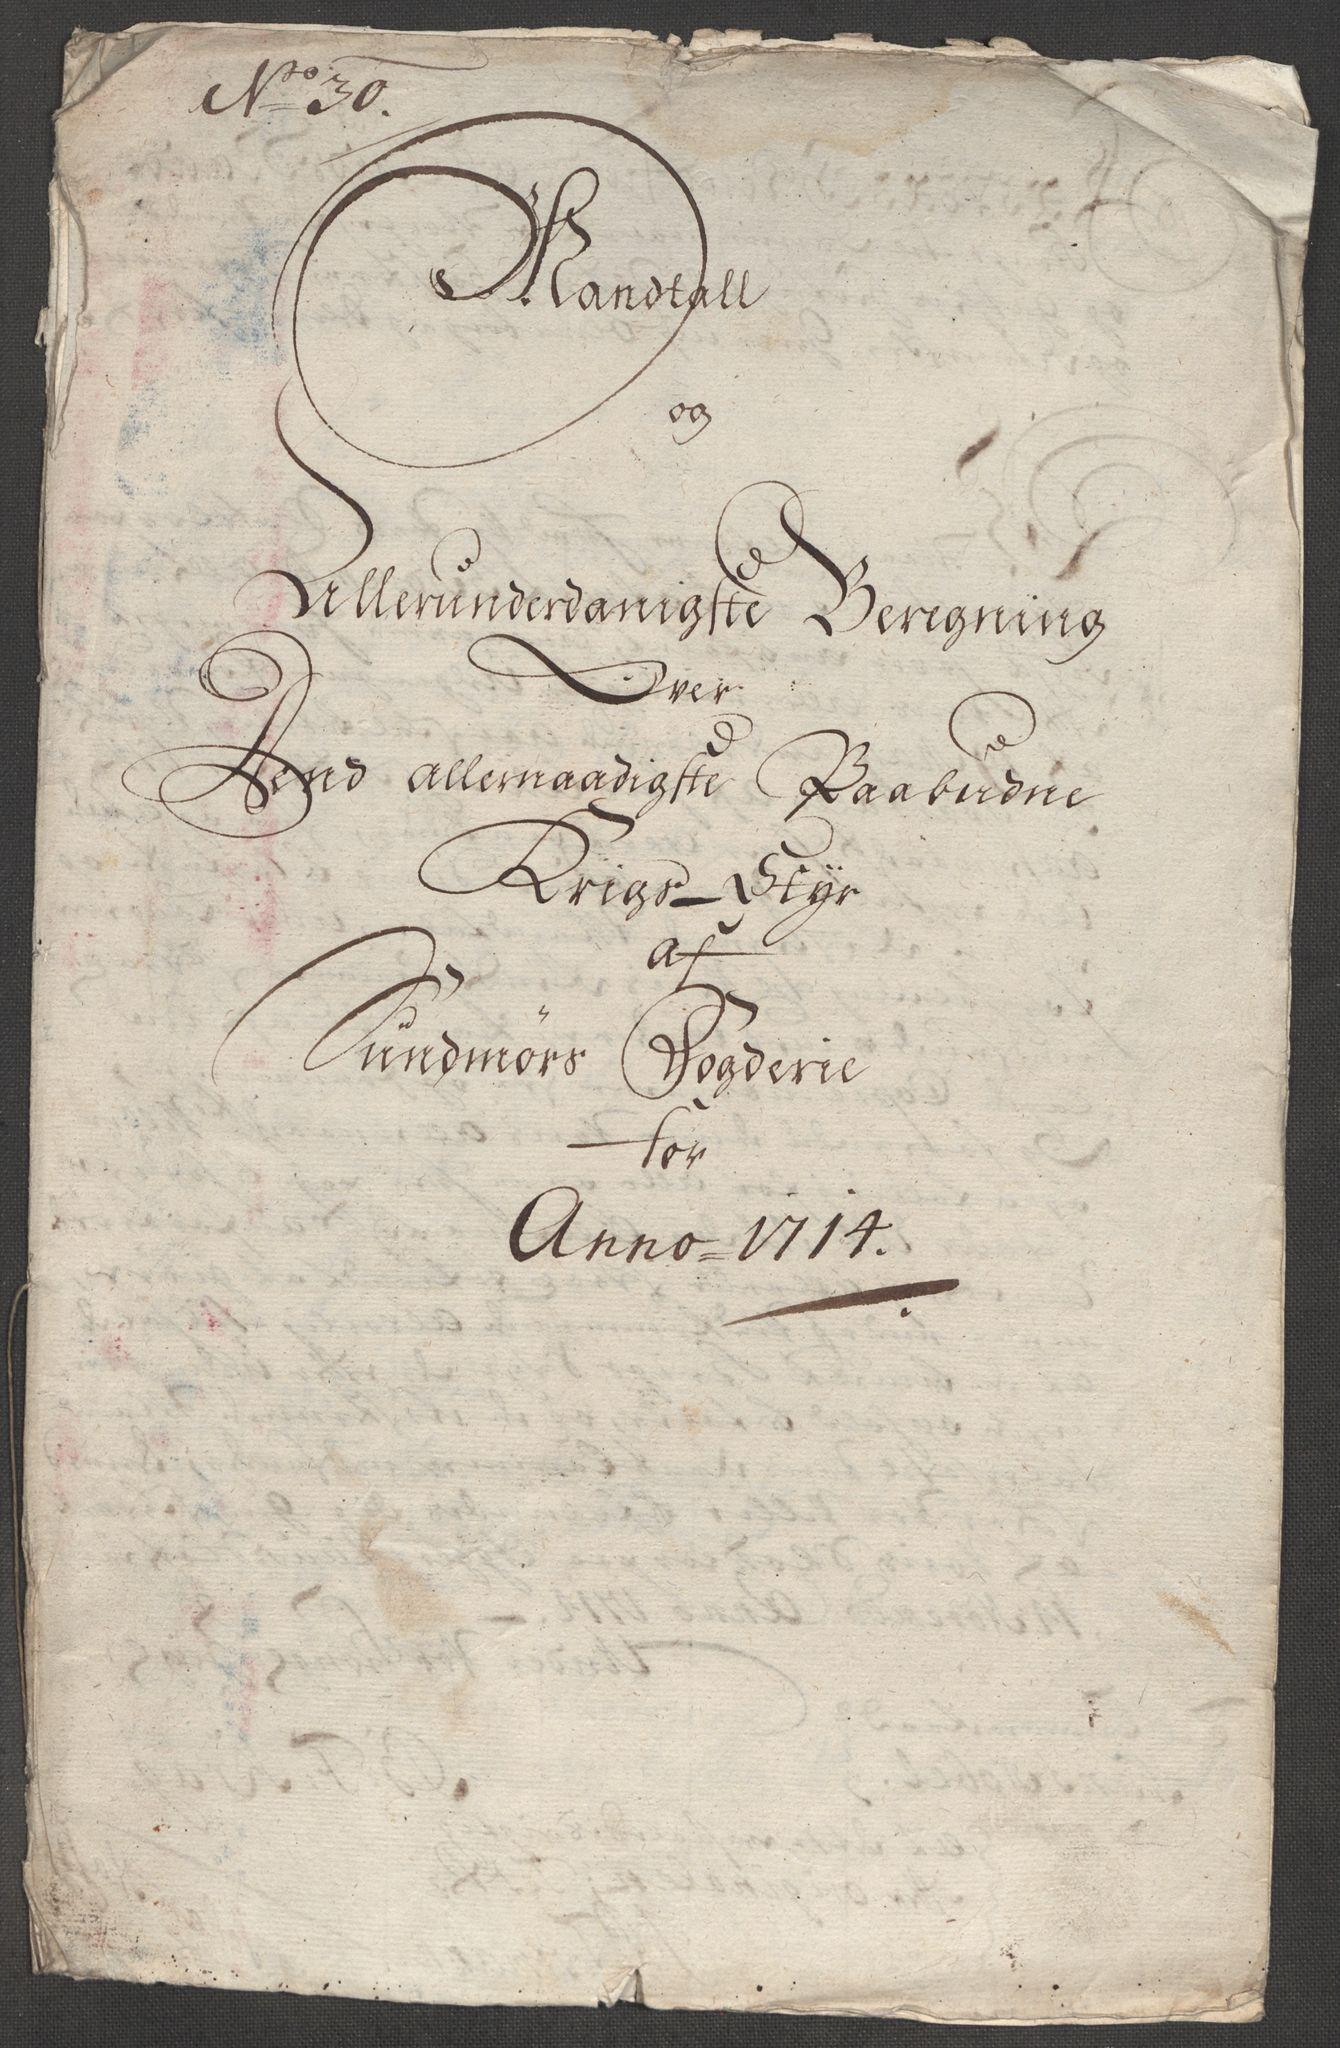 RA, Rentekammeret inntil 1814, Reviderte regnskaper, Fogderegnskap, R54/L3566: Fogderegnskap Sunnmøre, 1714, s. 178